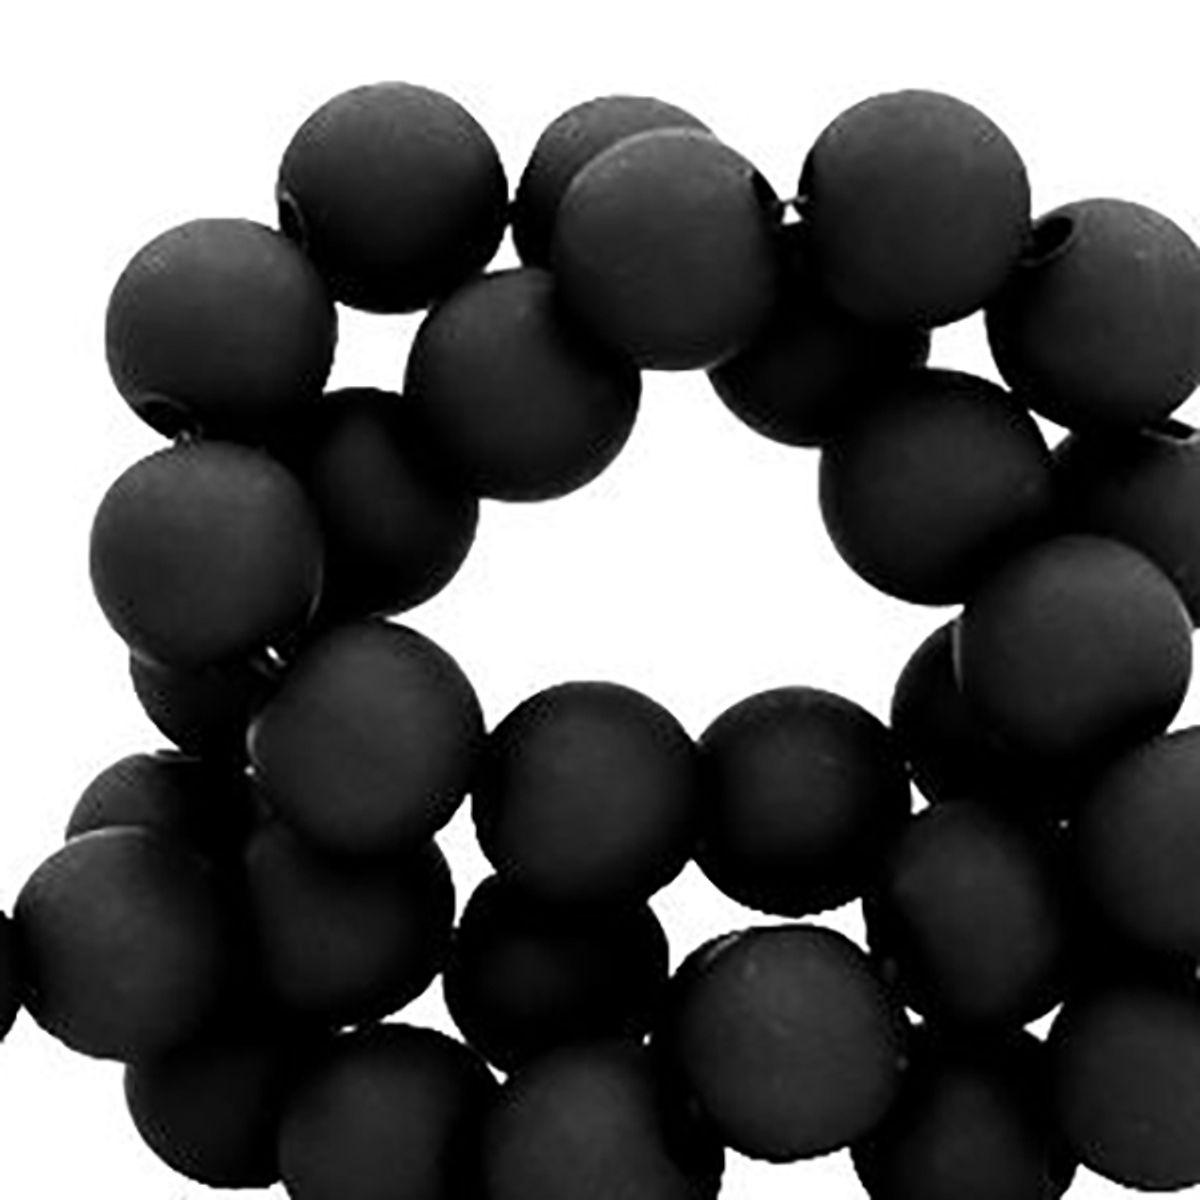 Acrylperlen 6mm matt, 600 Stück, Farben schwarz, taupe-grau und dunkelgrau wählbar